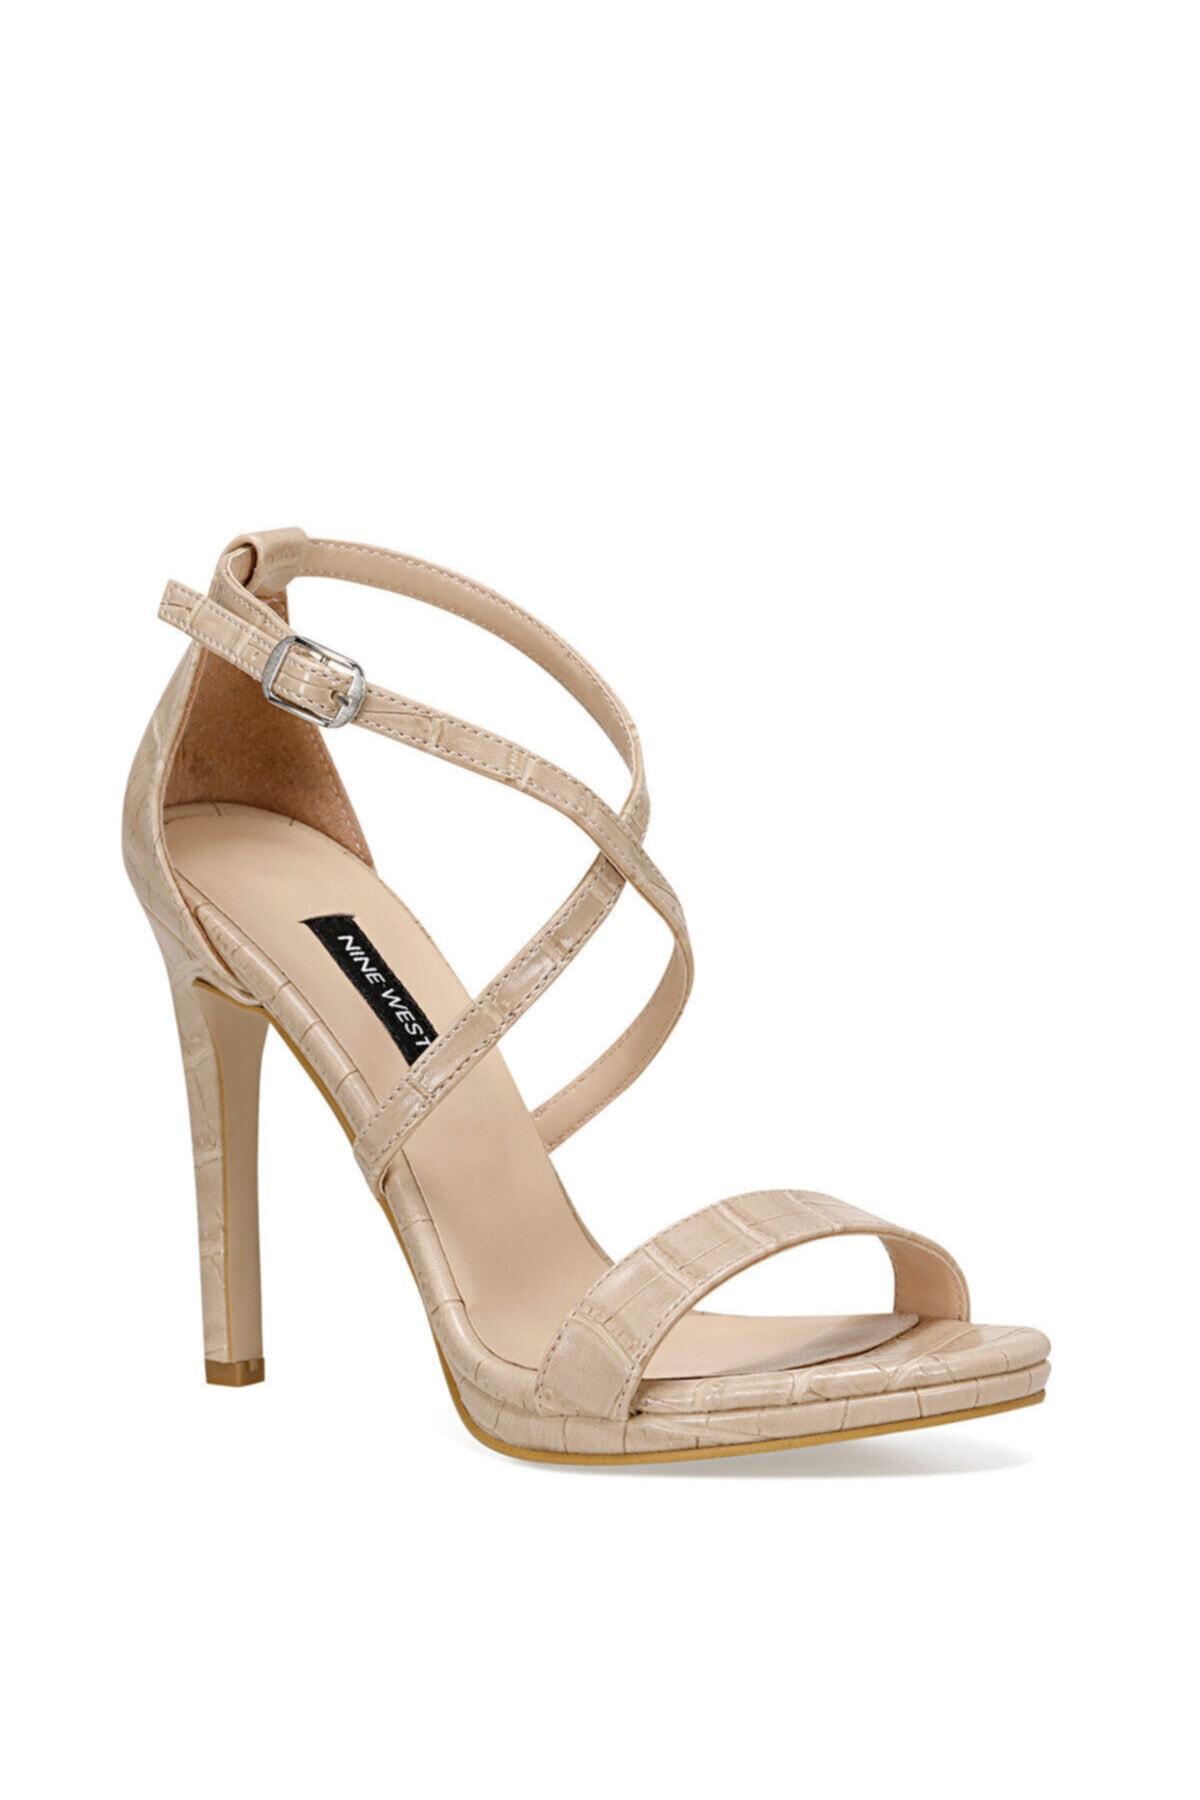 Nine West Celan2 Krem Kadın Topuklu Sandalet 2